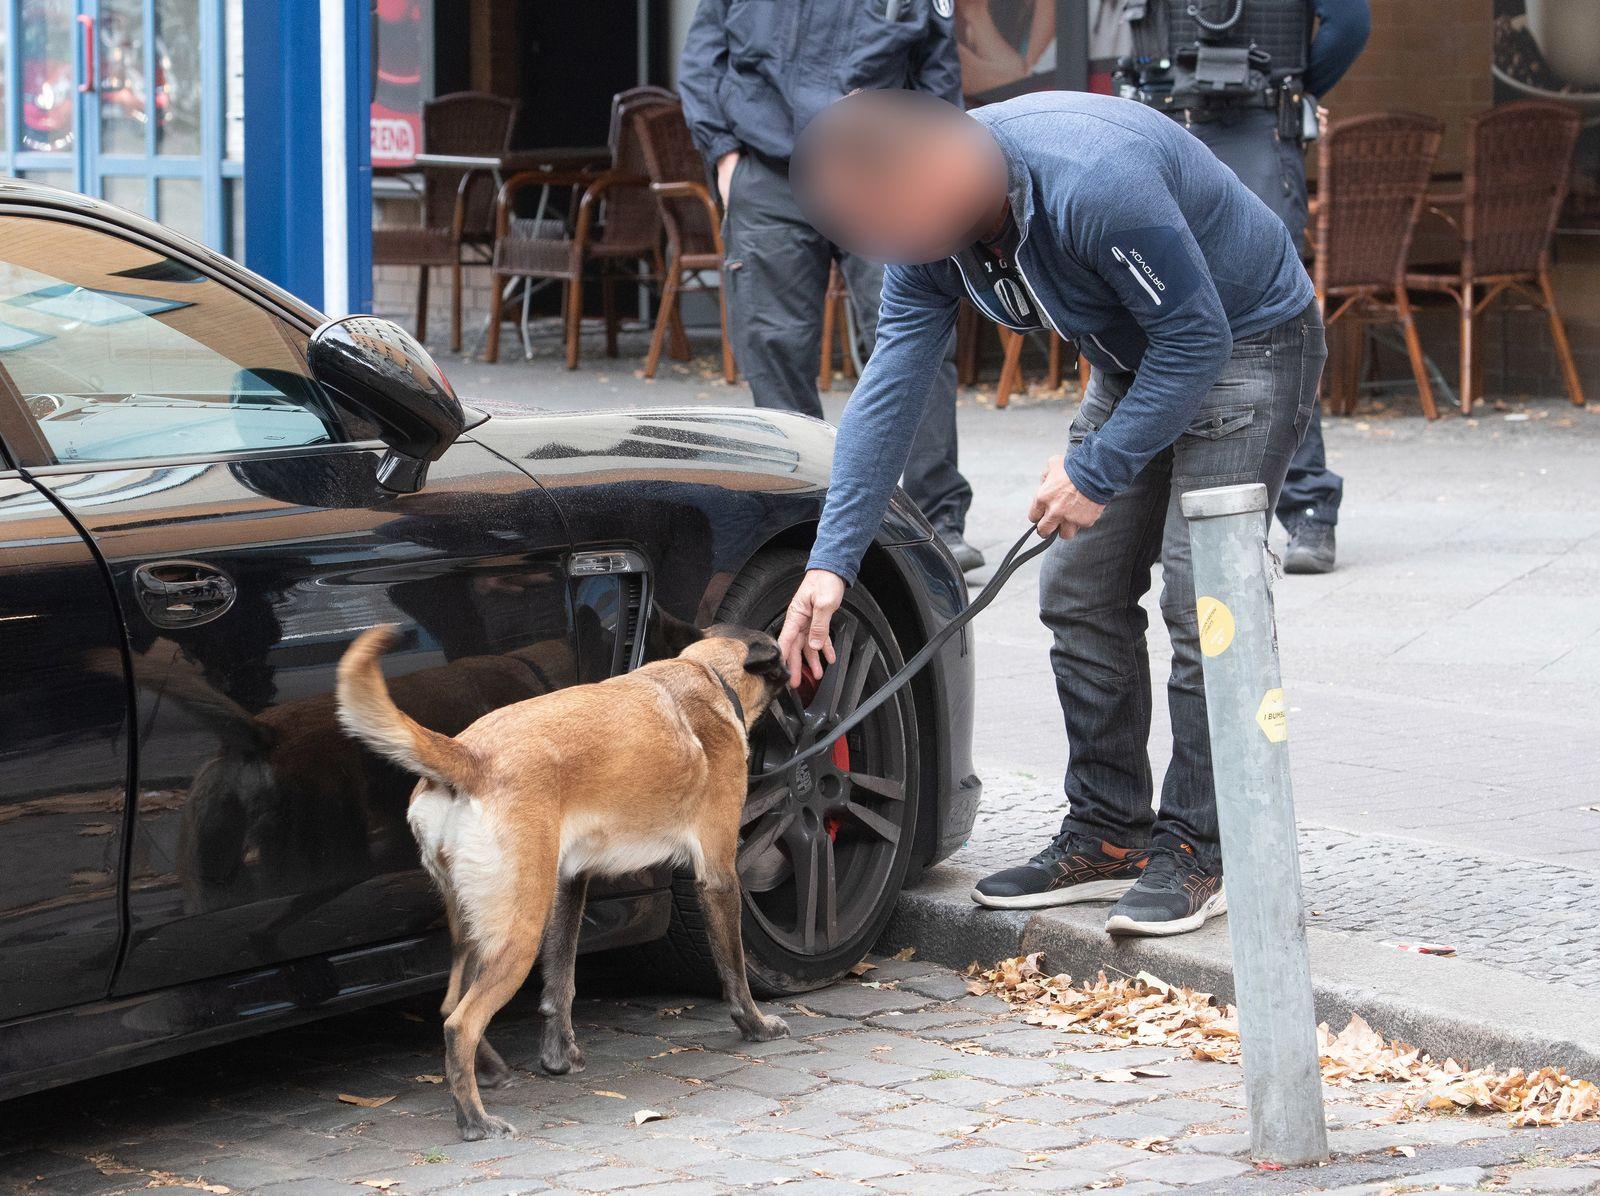 Razzia gegen kriminelle Clans in Berlin